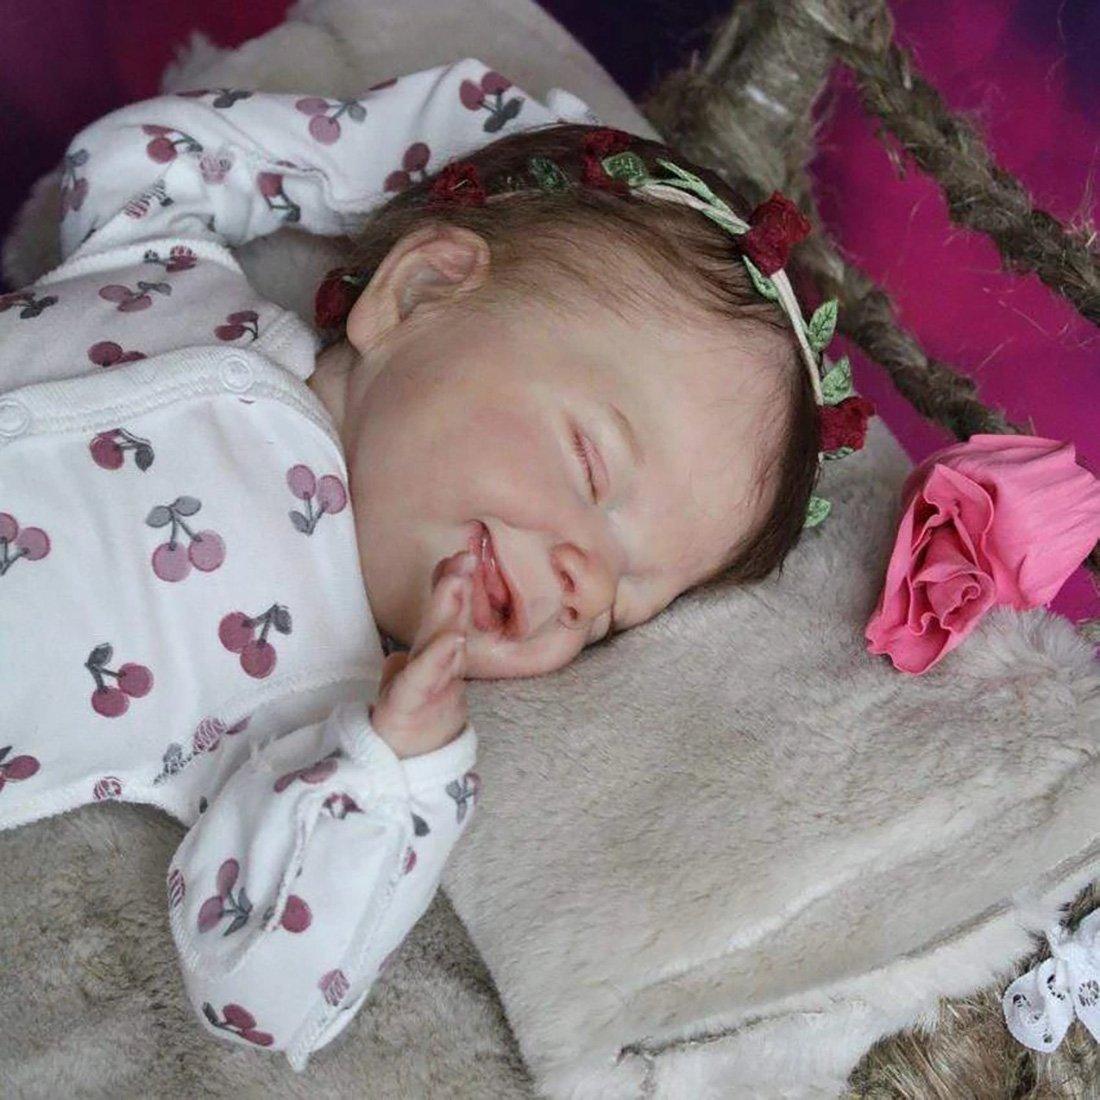 Poupée Reborn 20 Pouces Réaliste Bebe Reborn Réaliste Lifelike Mignon Nouveau-né Reborn Baby Dolls Garçon Fille Jouets